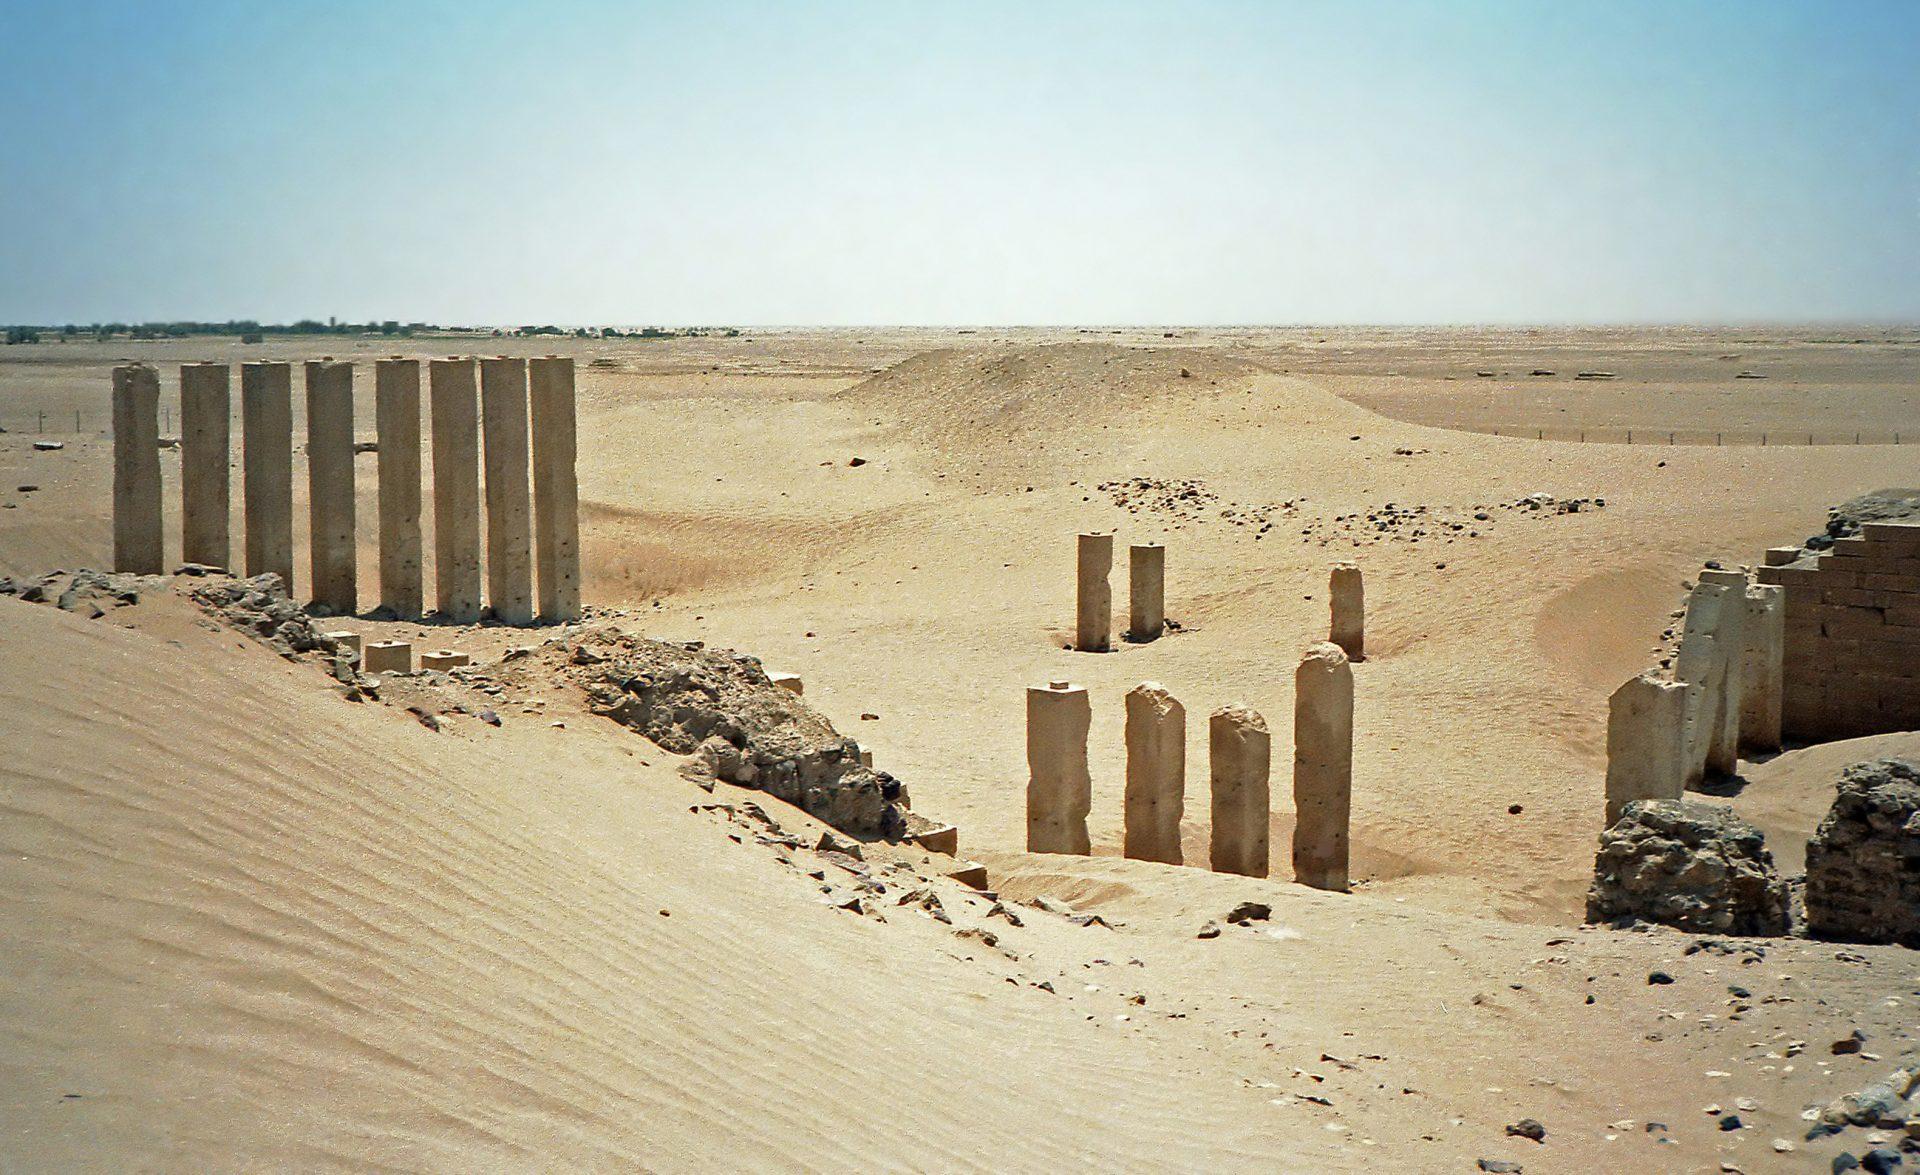 Le temple d'Awwam, enfoui dans les sables de l'oasis de Marib, au Yémen, serait un vestige de l'ancienne capitale de la reine de Saba.